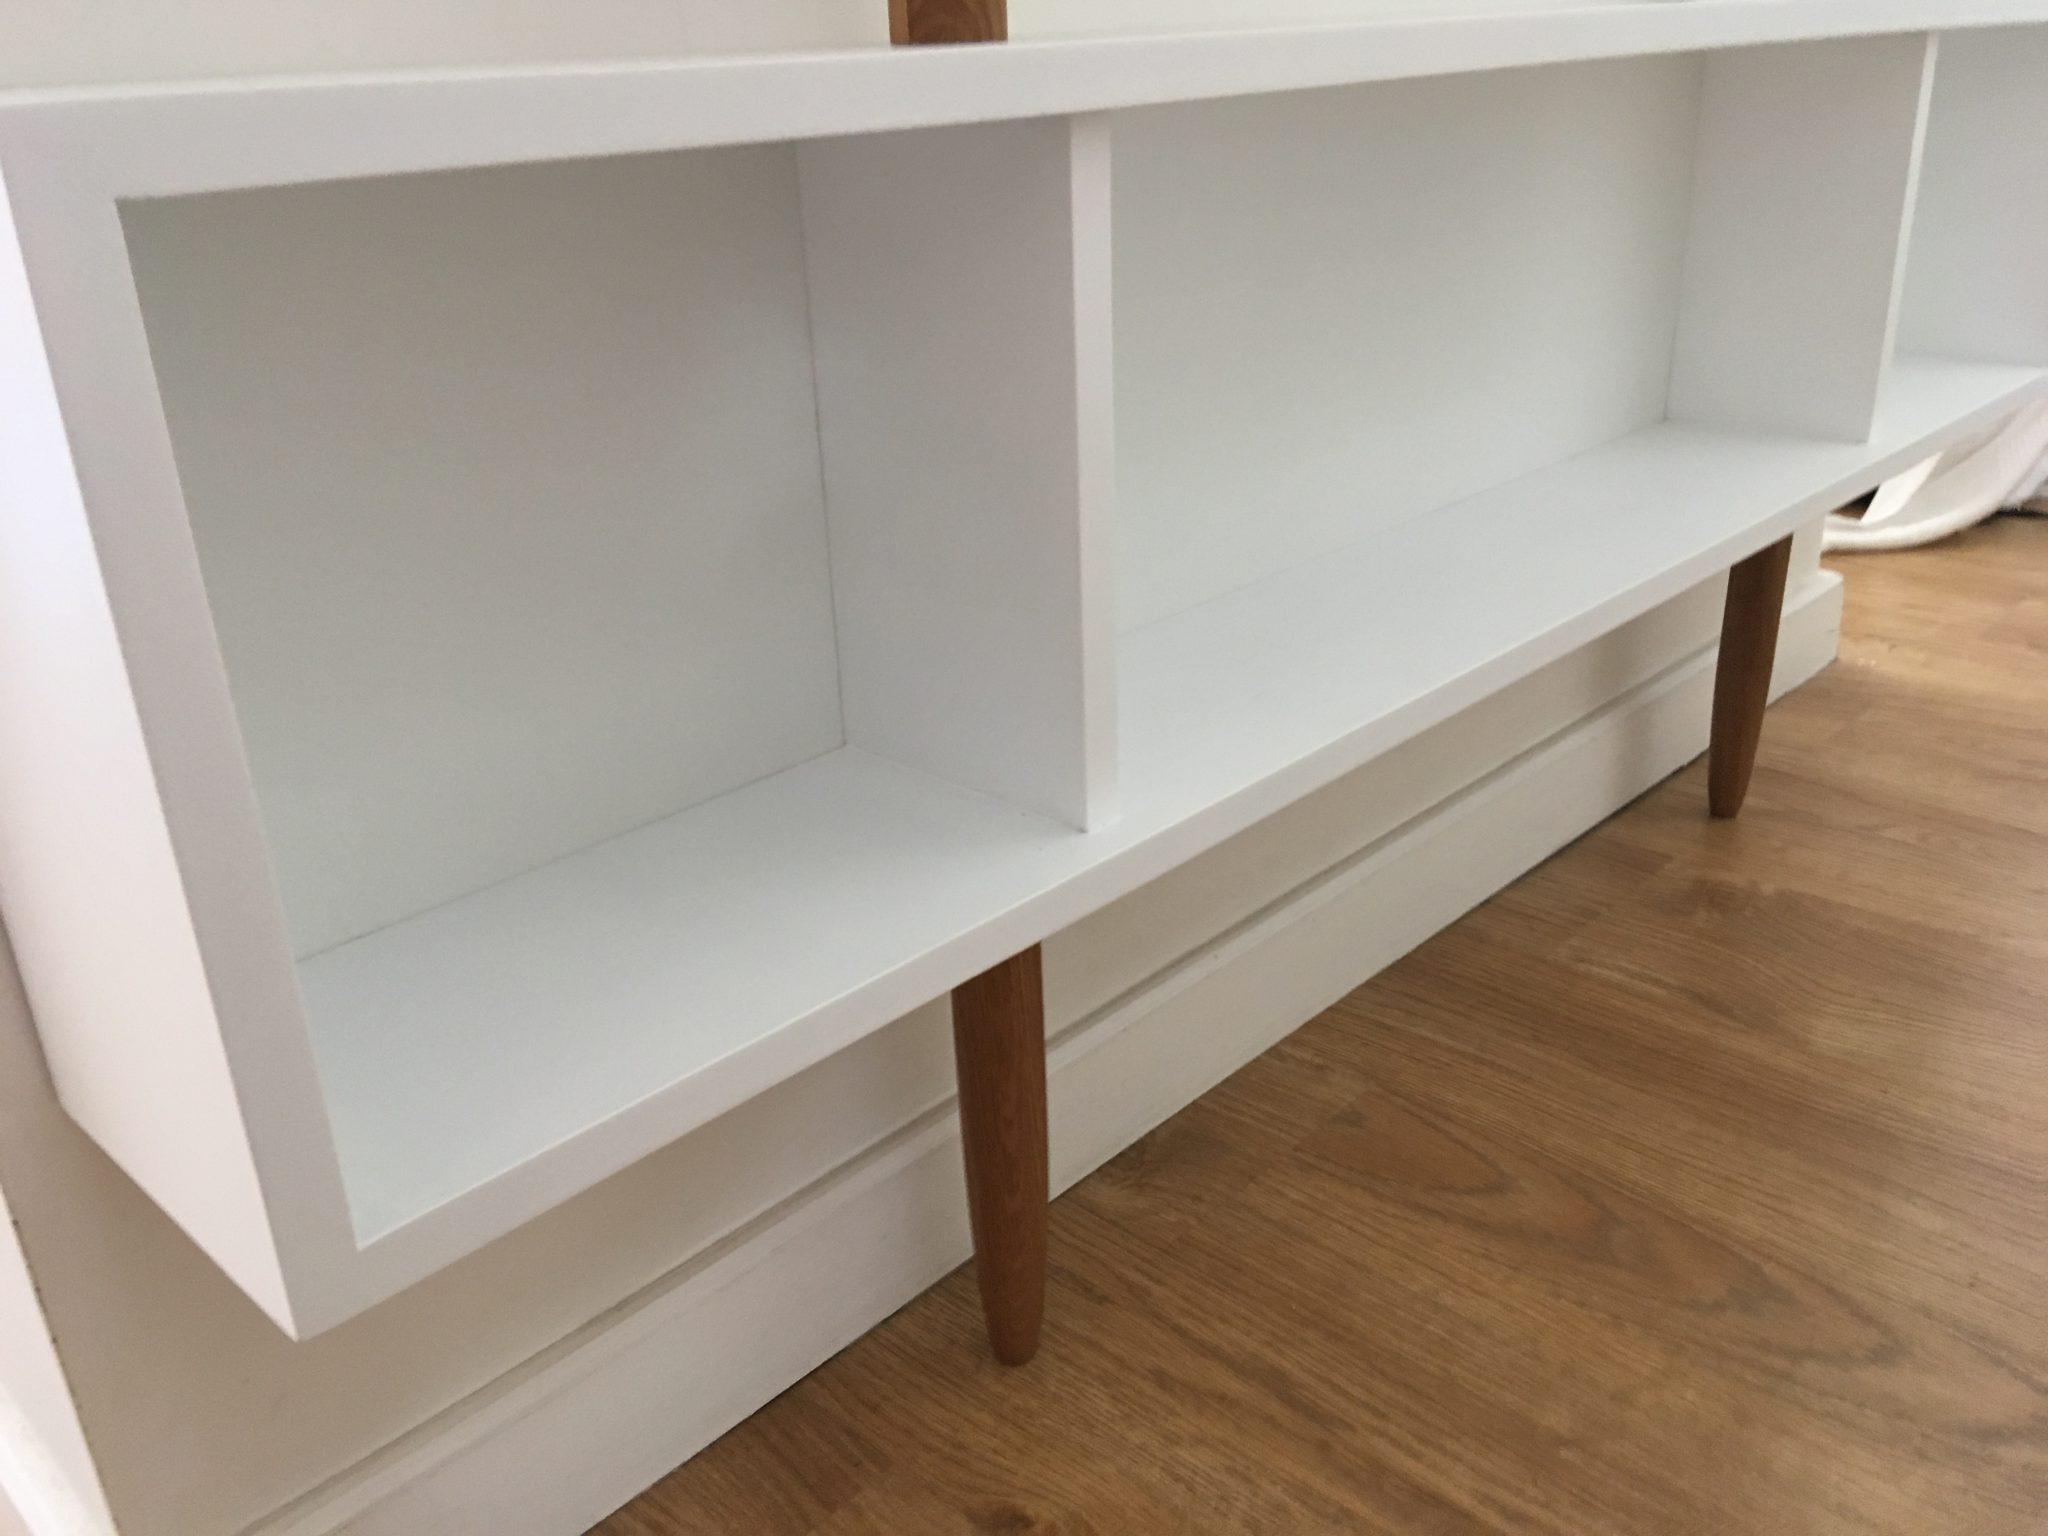 Estante Valchromat e Carvalho - Bibliothèque en Valchromat et chêne massif